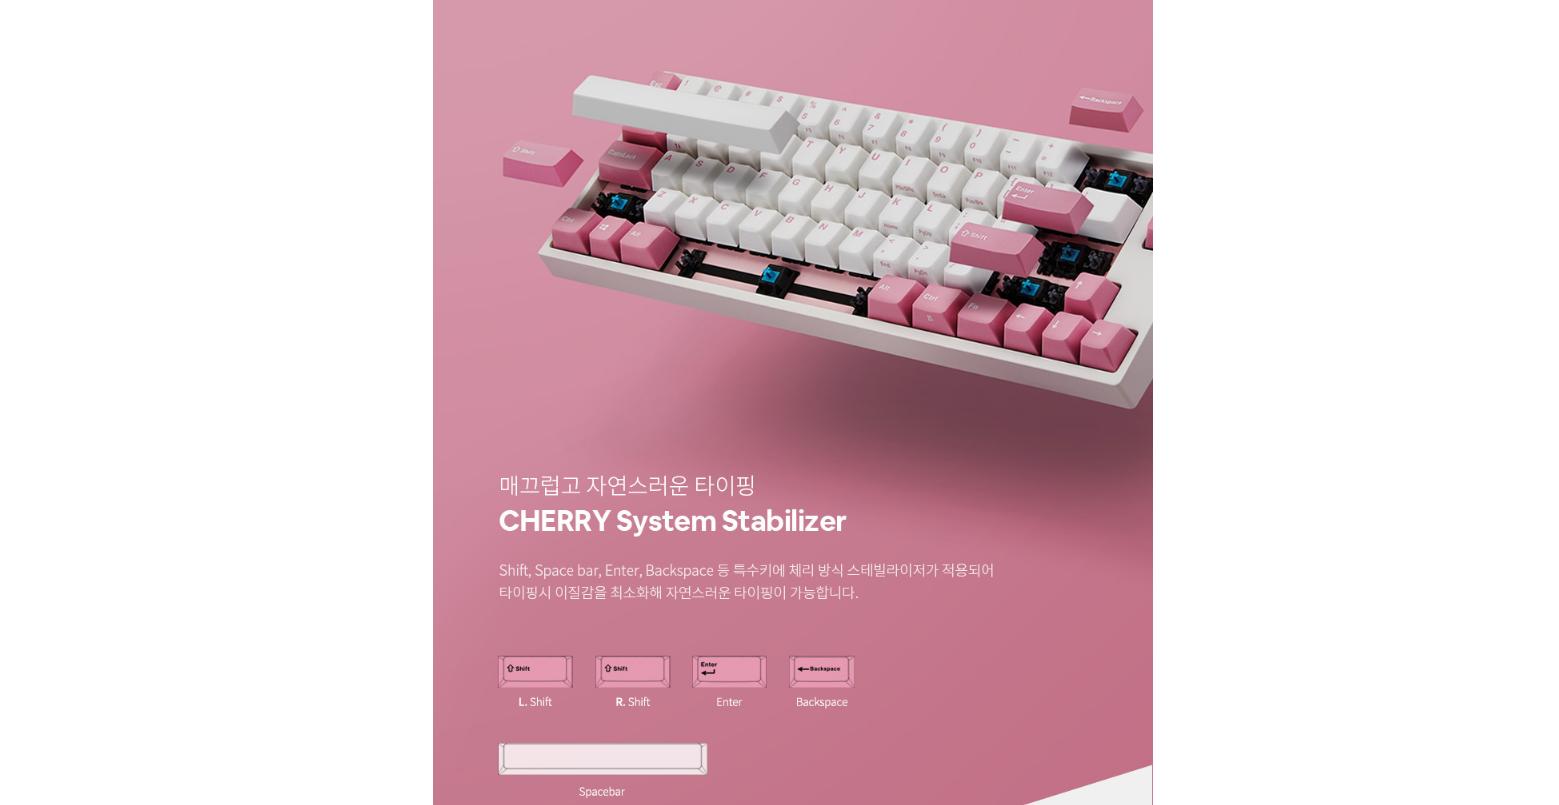 Bàn phím cơ Leopold FC660M White Pink OE Cherry Brown Switch sử dụng hệ thông stabilizer của cherry cho các phím dài gõ chắc chắn và mượt mà